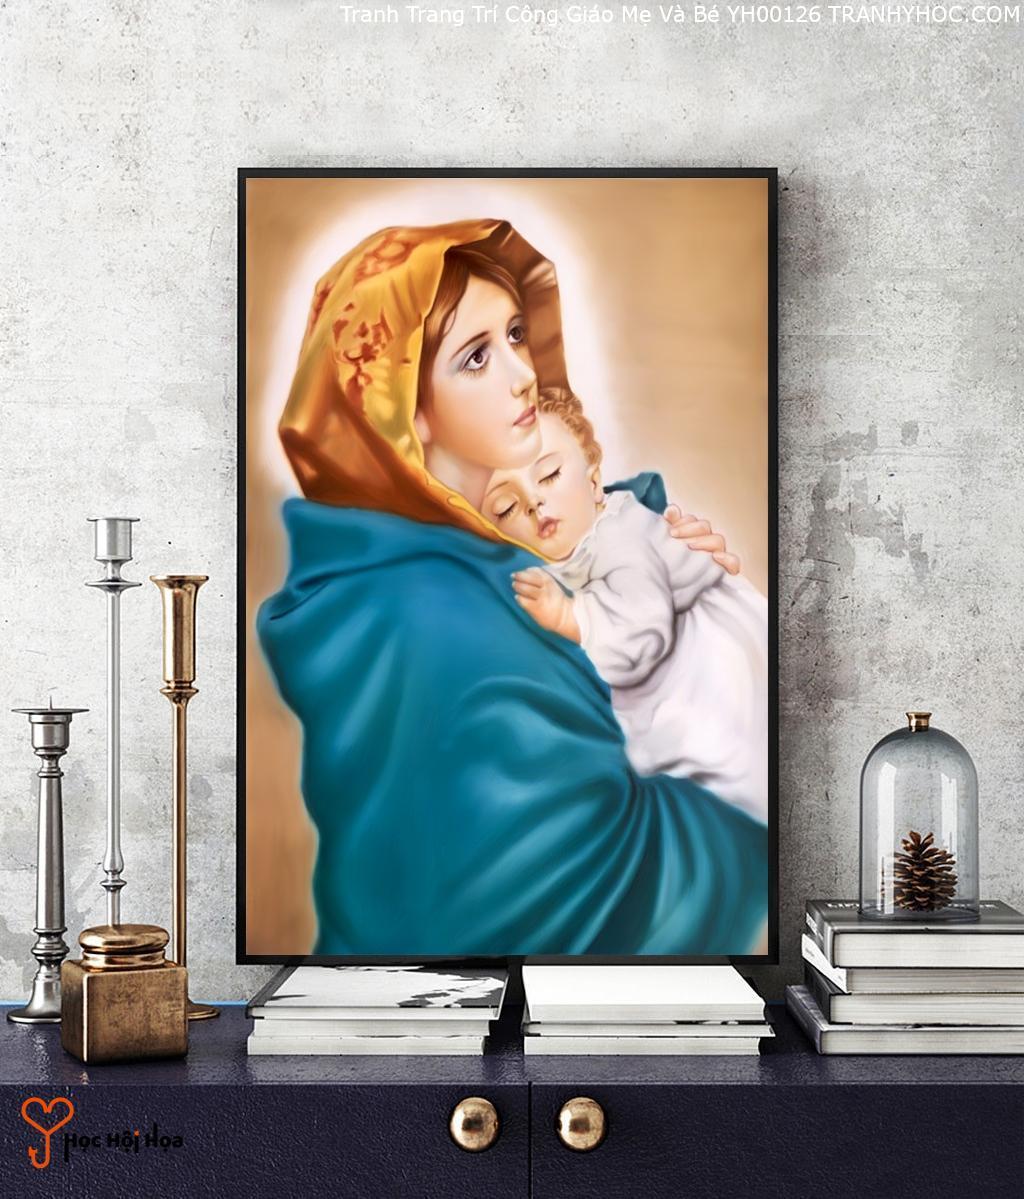 Tranh Trang Trí Công Giáo Mẹ Và Bé YH00126